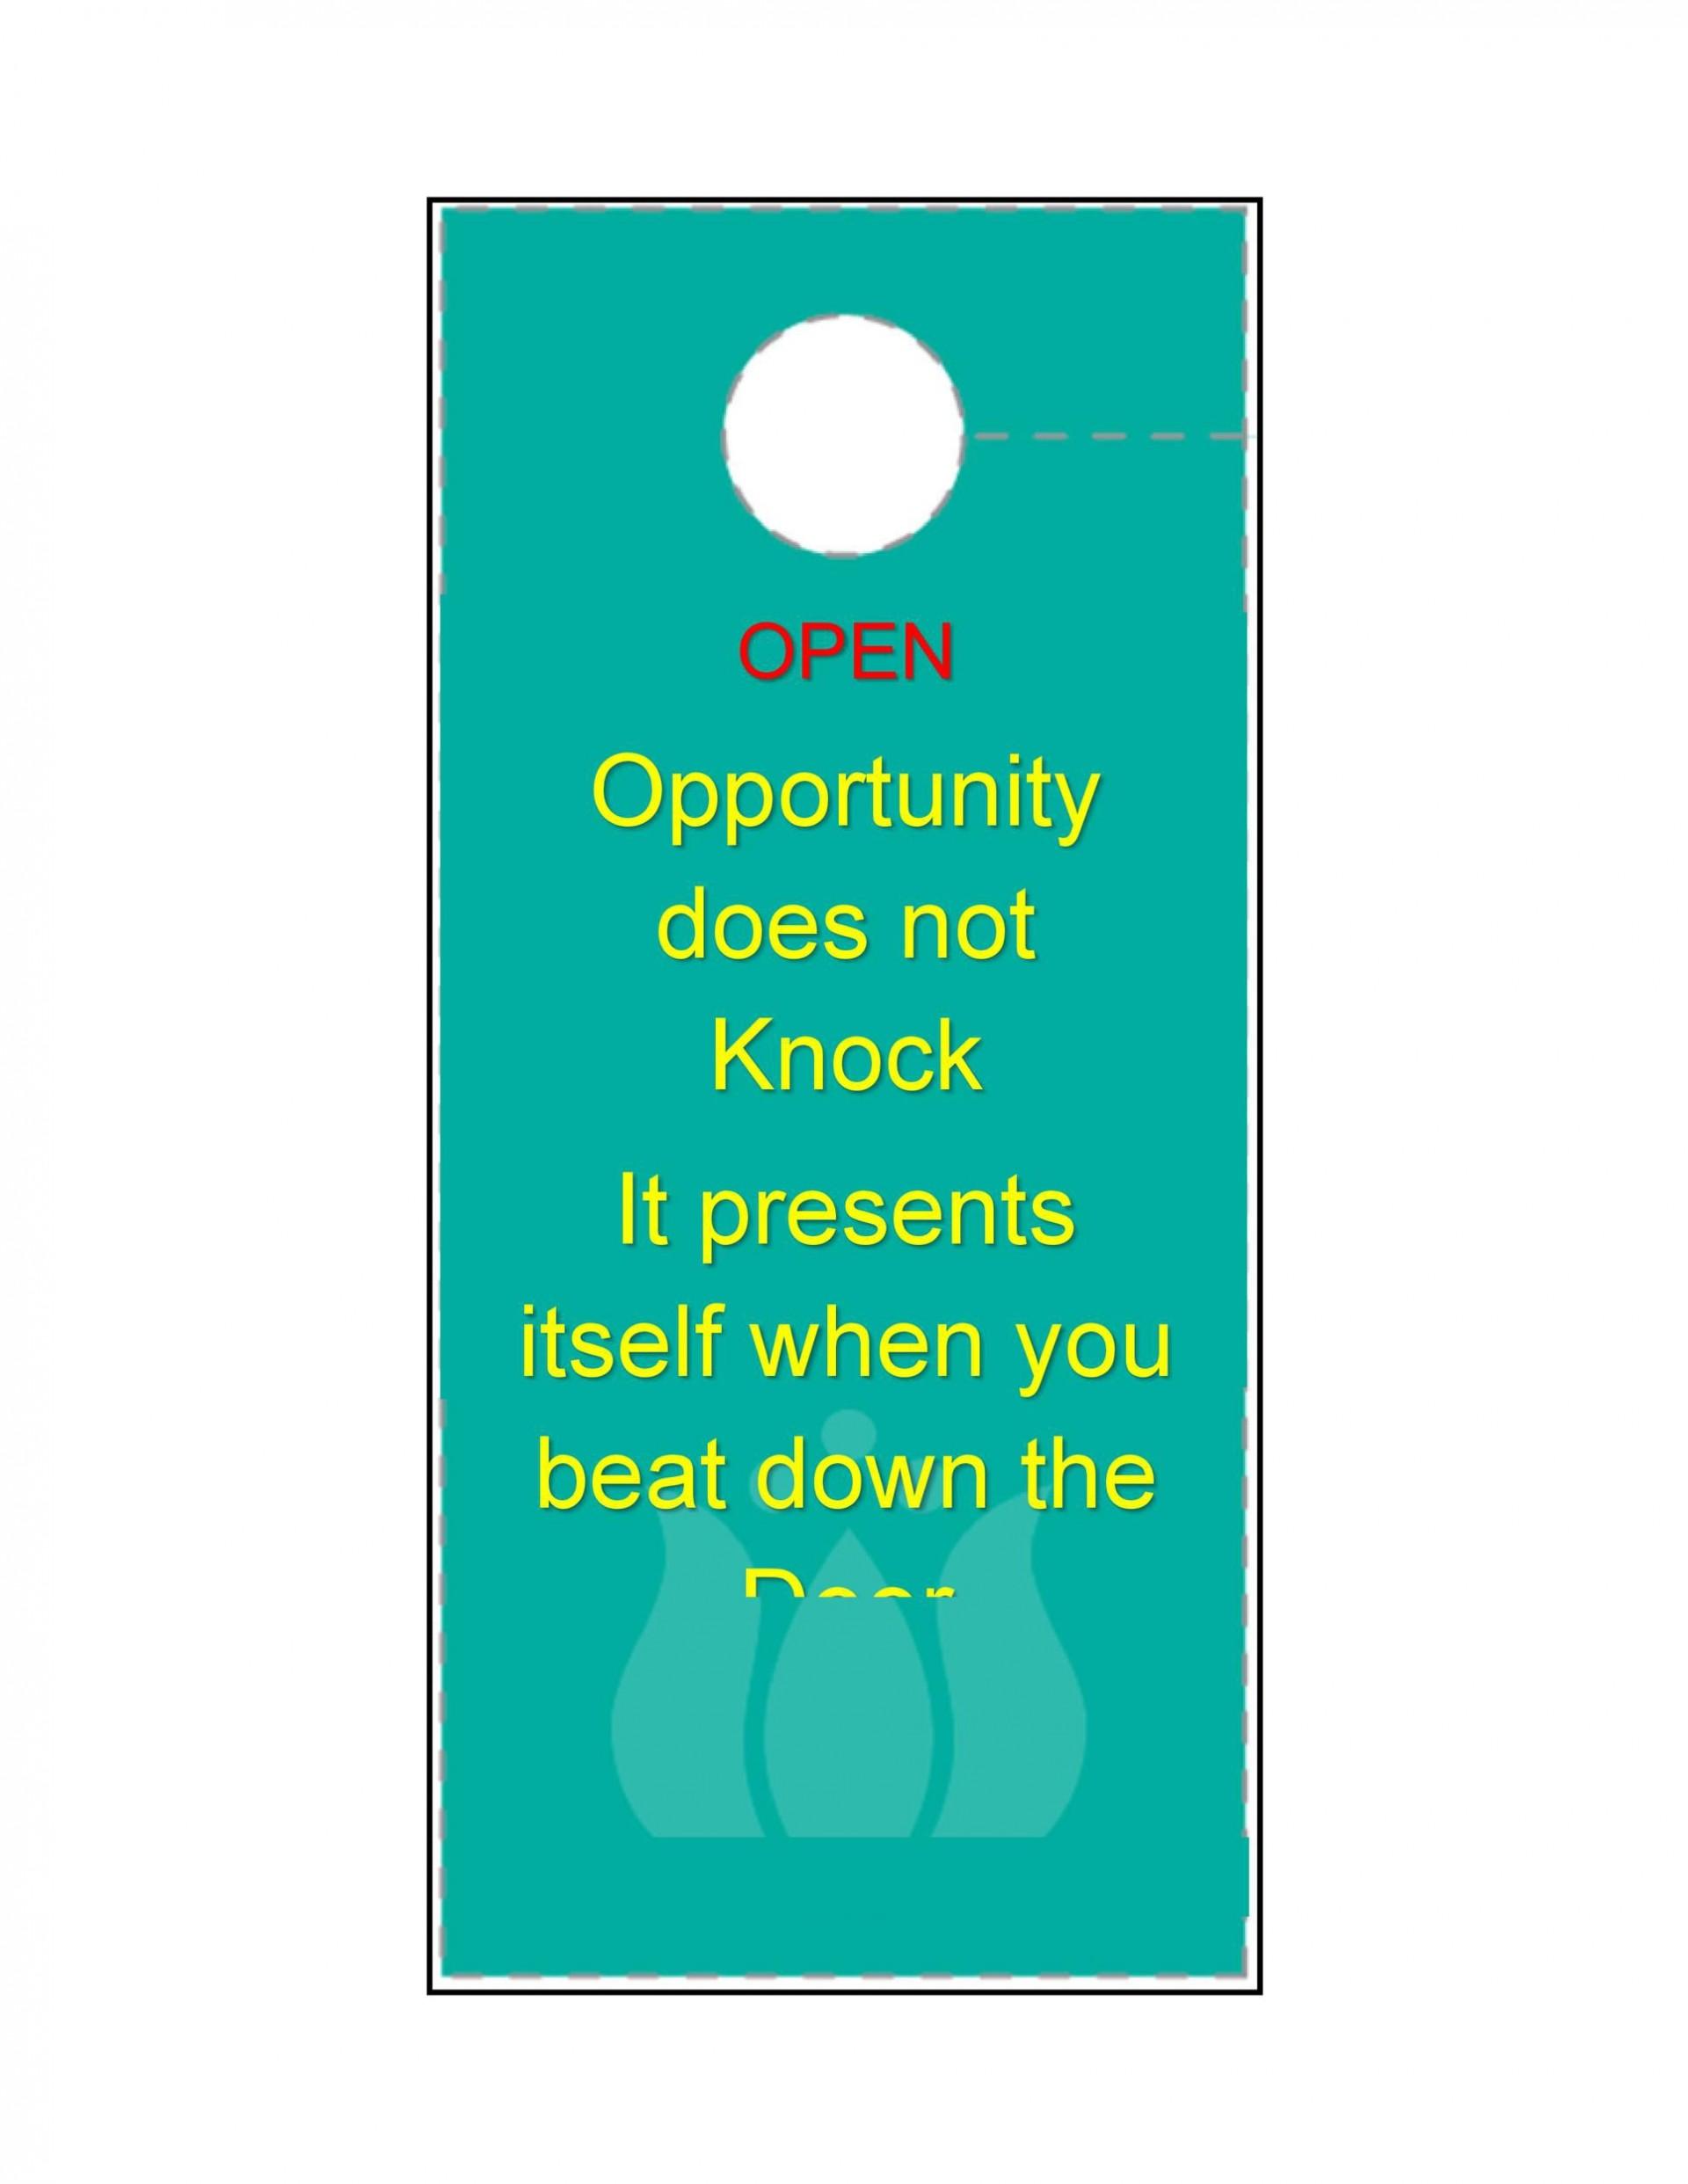 005 Astounding Free Online Door Hanger Template Sample  Templates1920